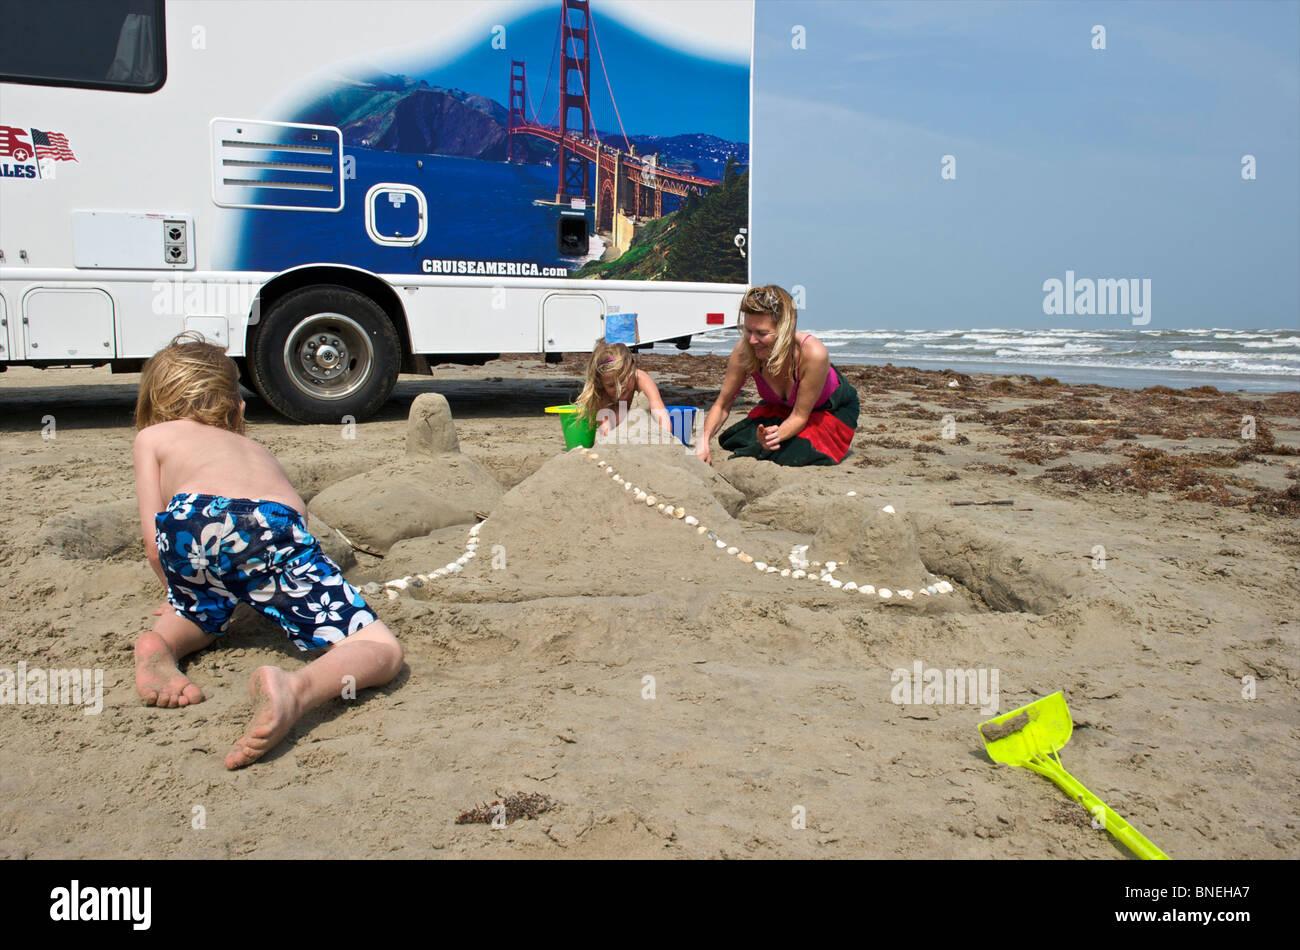 Familie mit Vermietung Camper und Wohnmobil RV am Strand in Galveston, Texas, USA Stockfoto